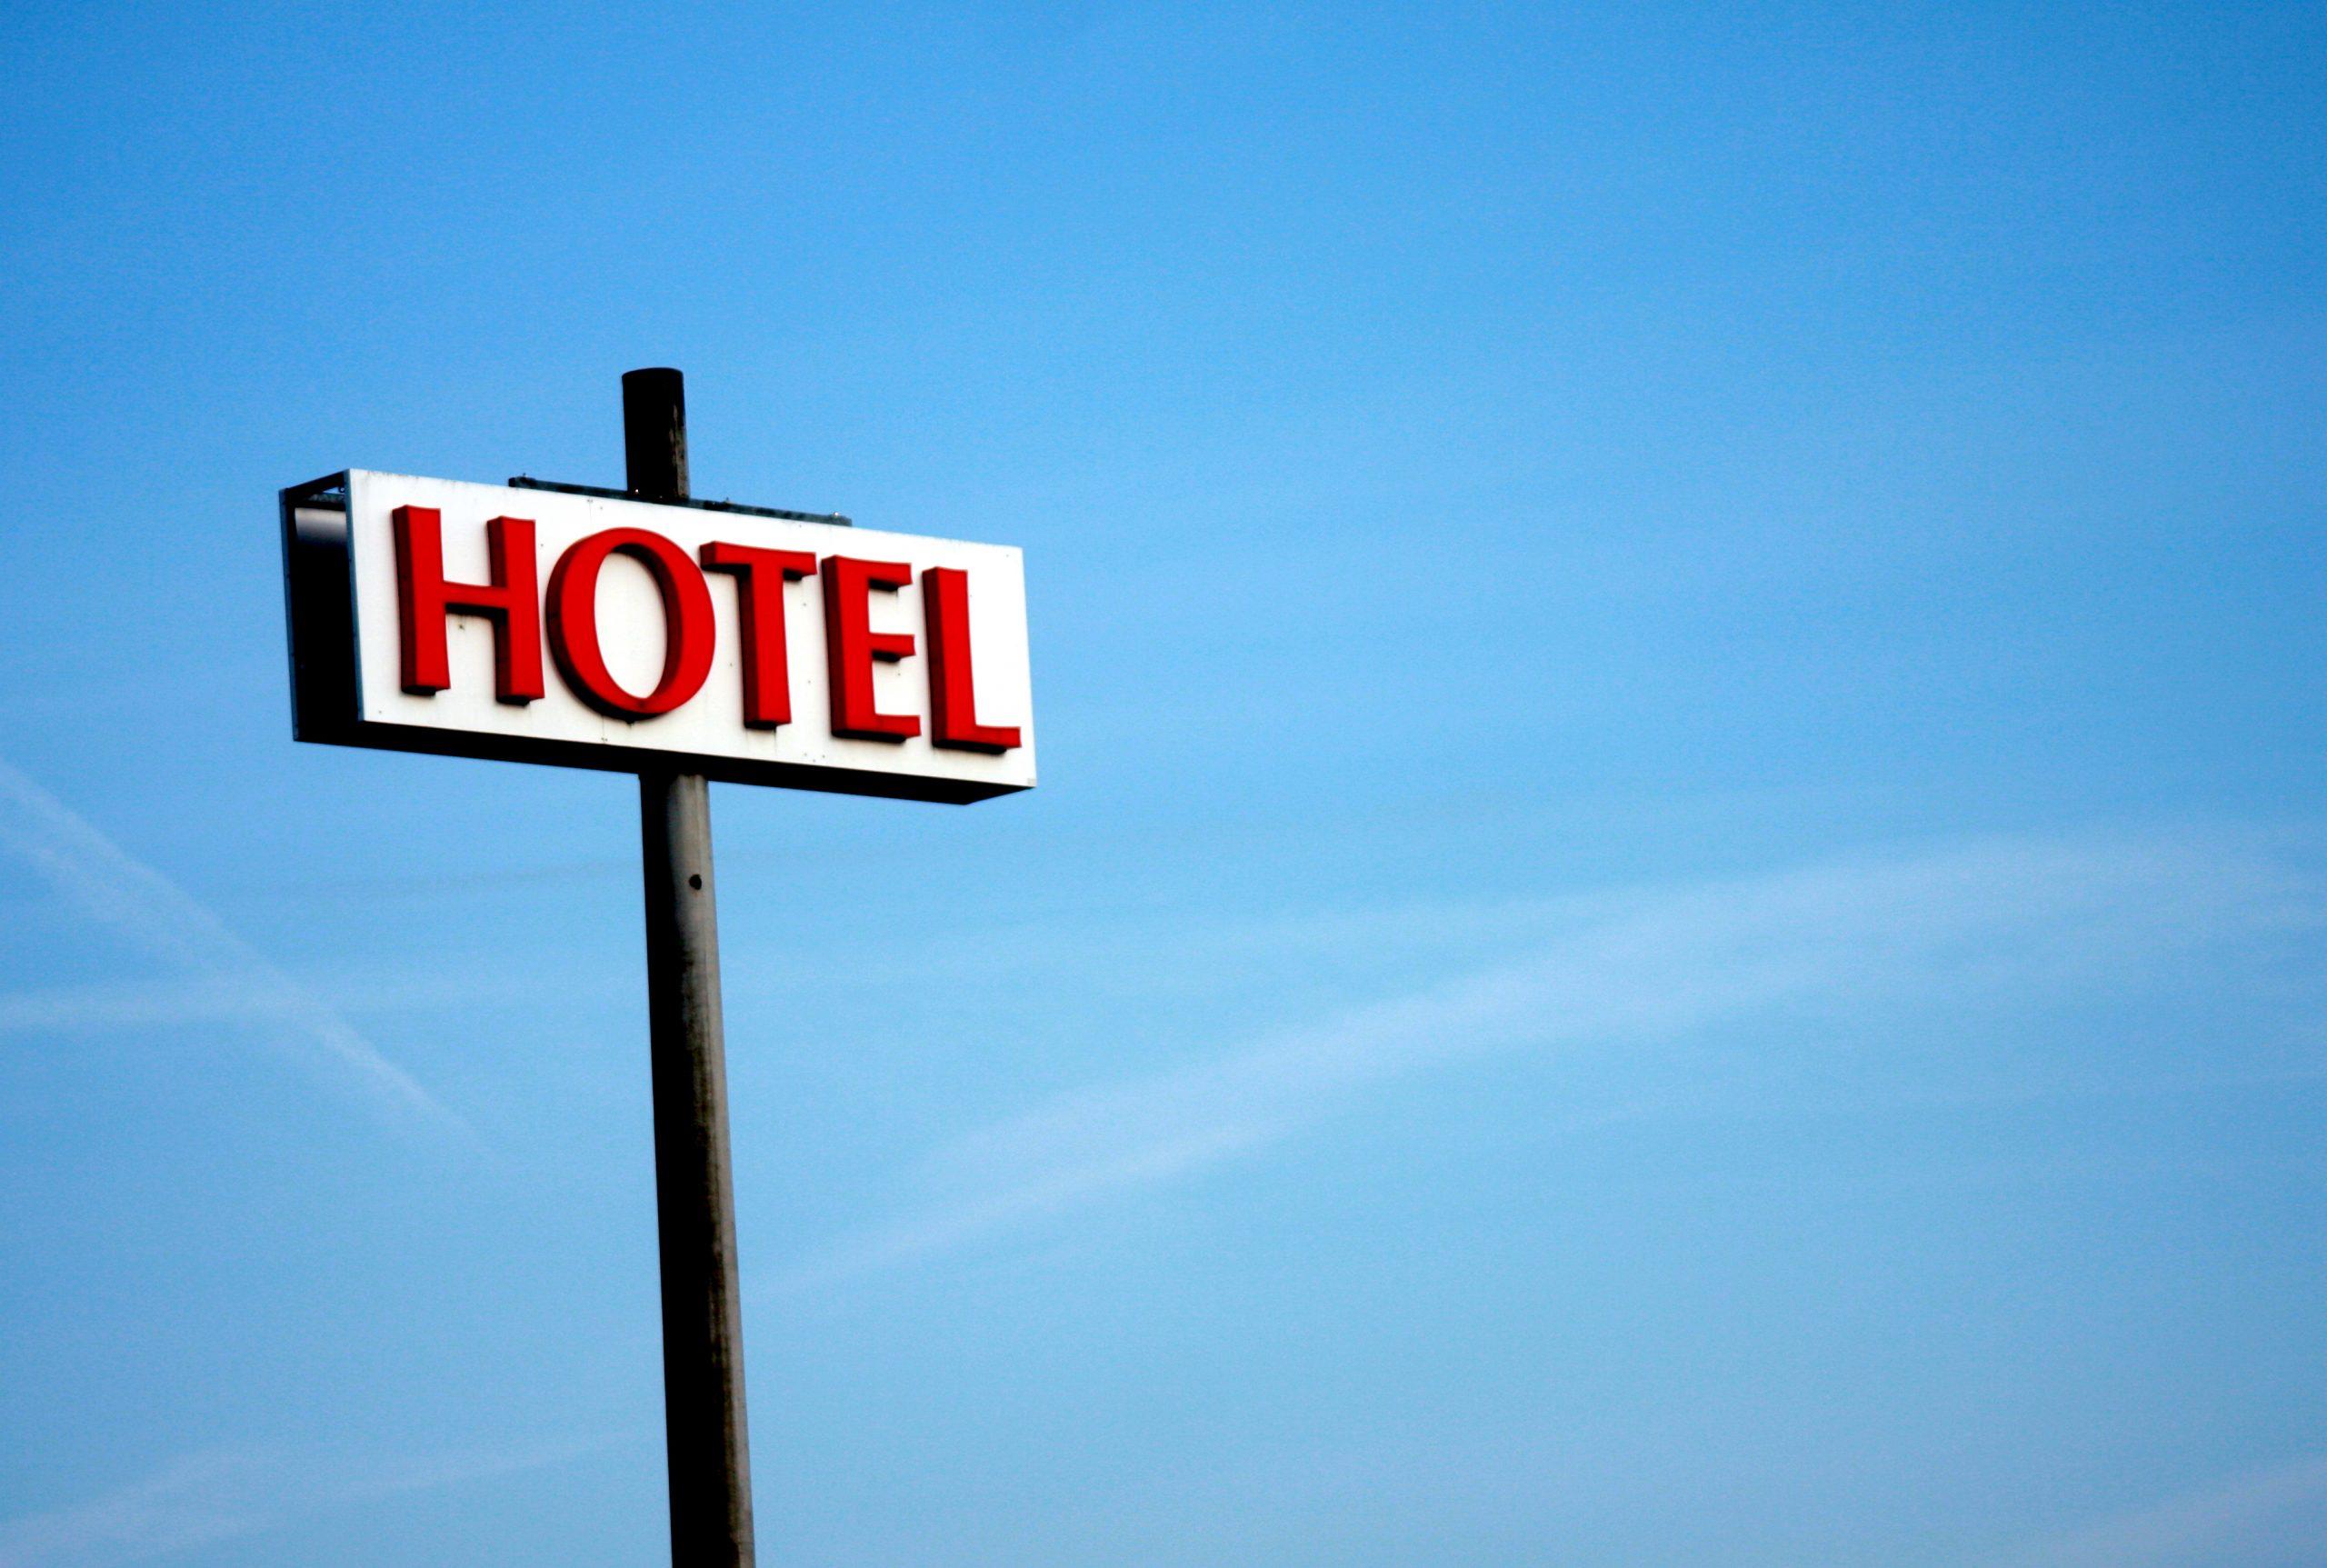 Hotelimmobilie völlig neu denken! Innovation - München - Innovationsagentur REINVENTIS